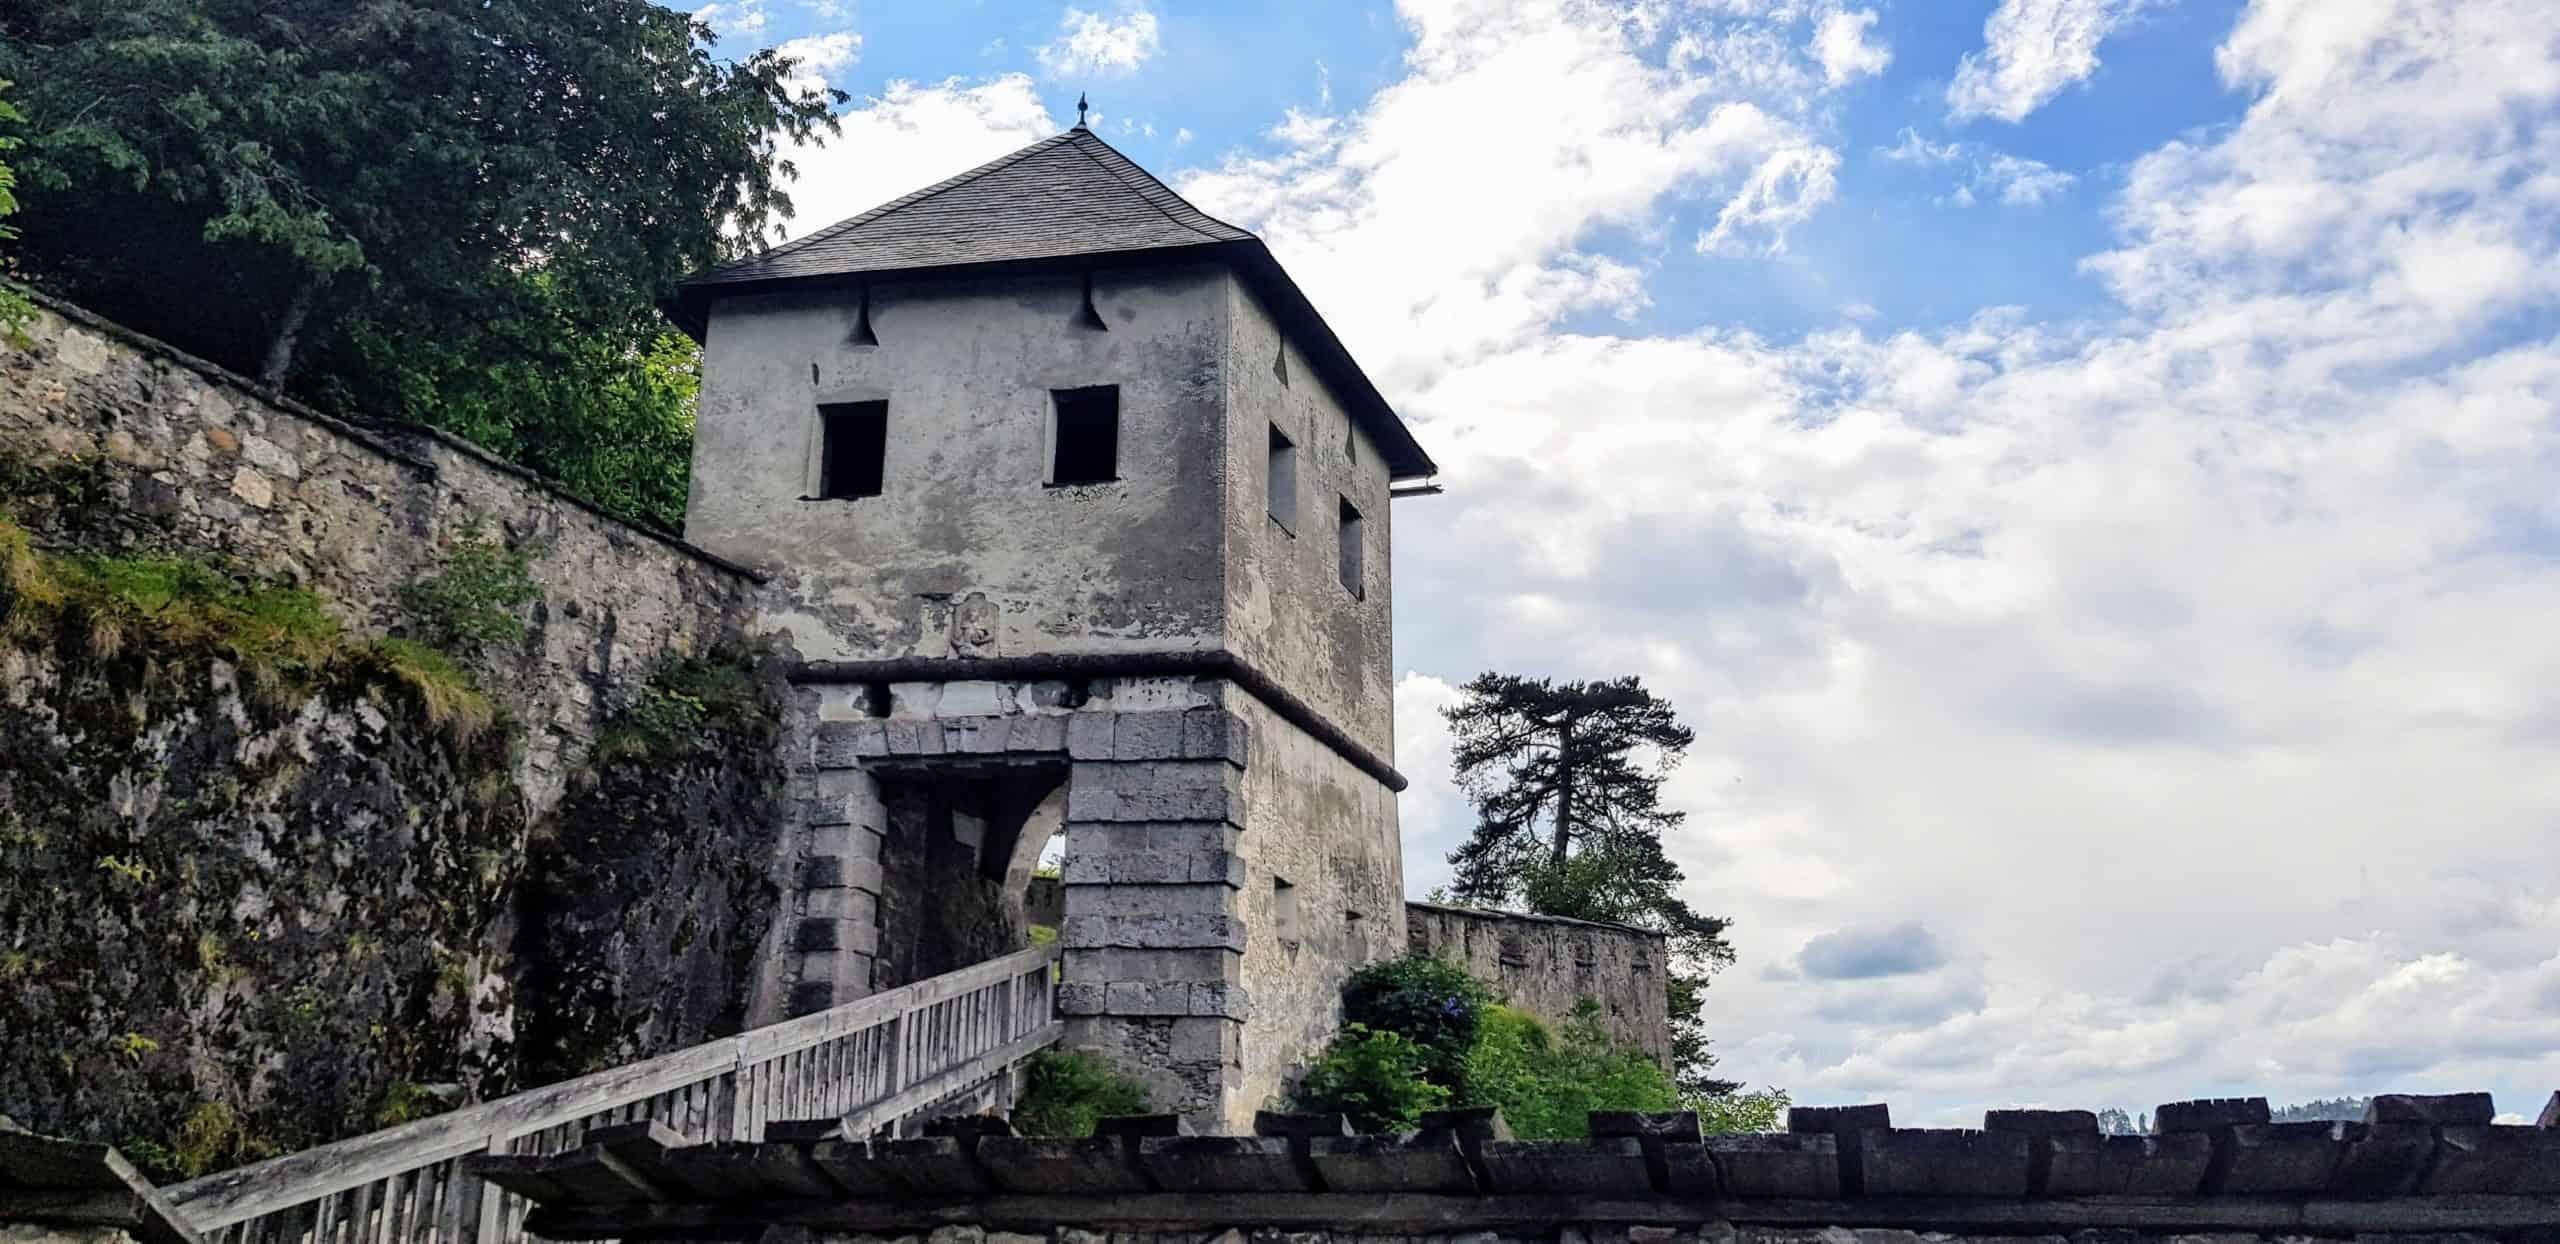 Familienfreundliche Wanderung auf die Burg Hochosterwitz in Kärnten mit mittelalterlichem Löwentor über Schlucht.